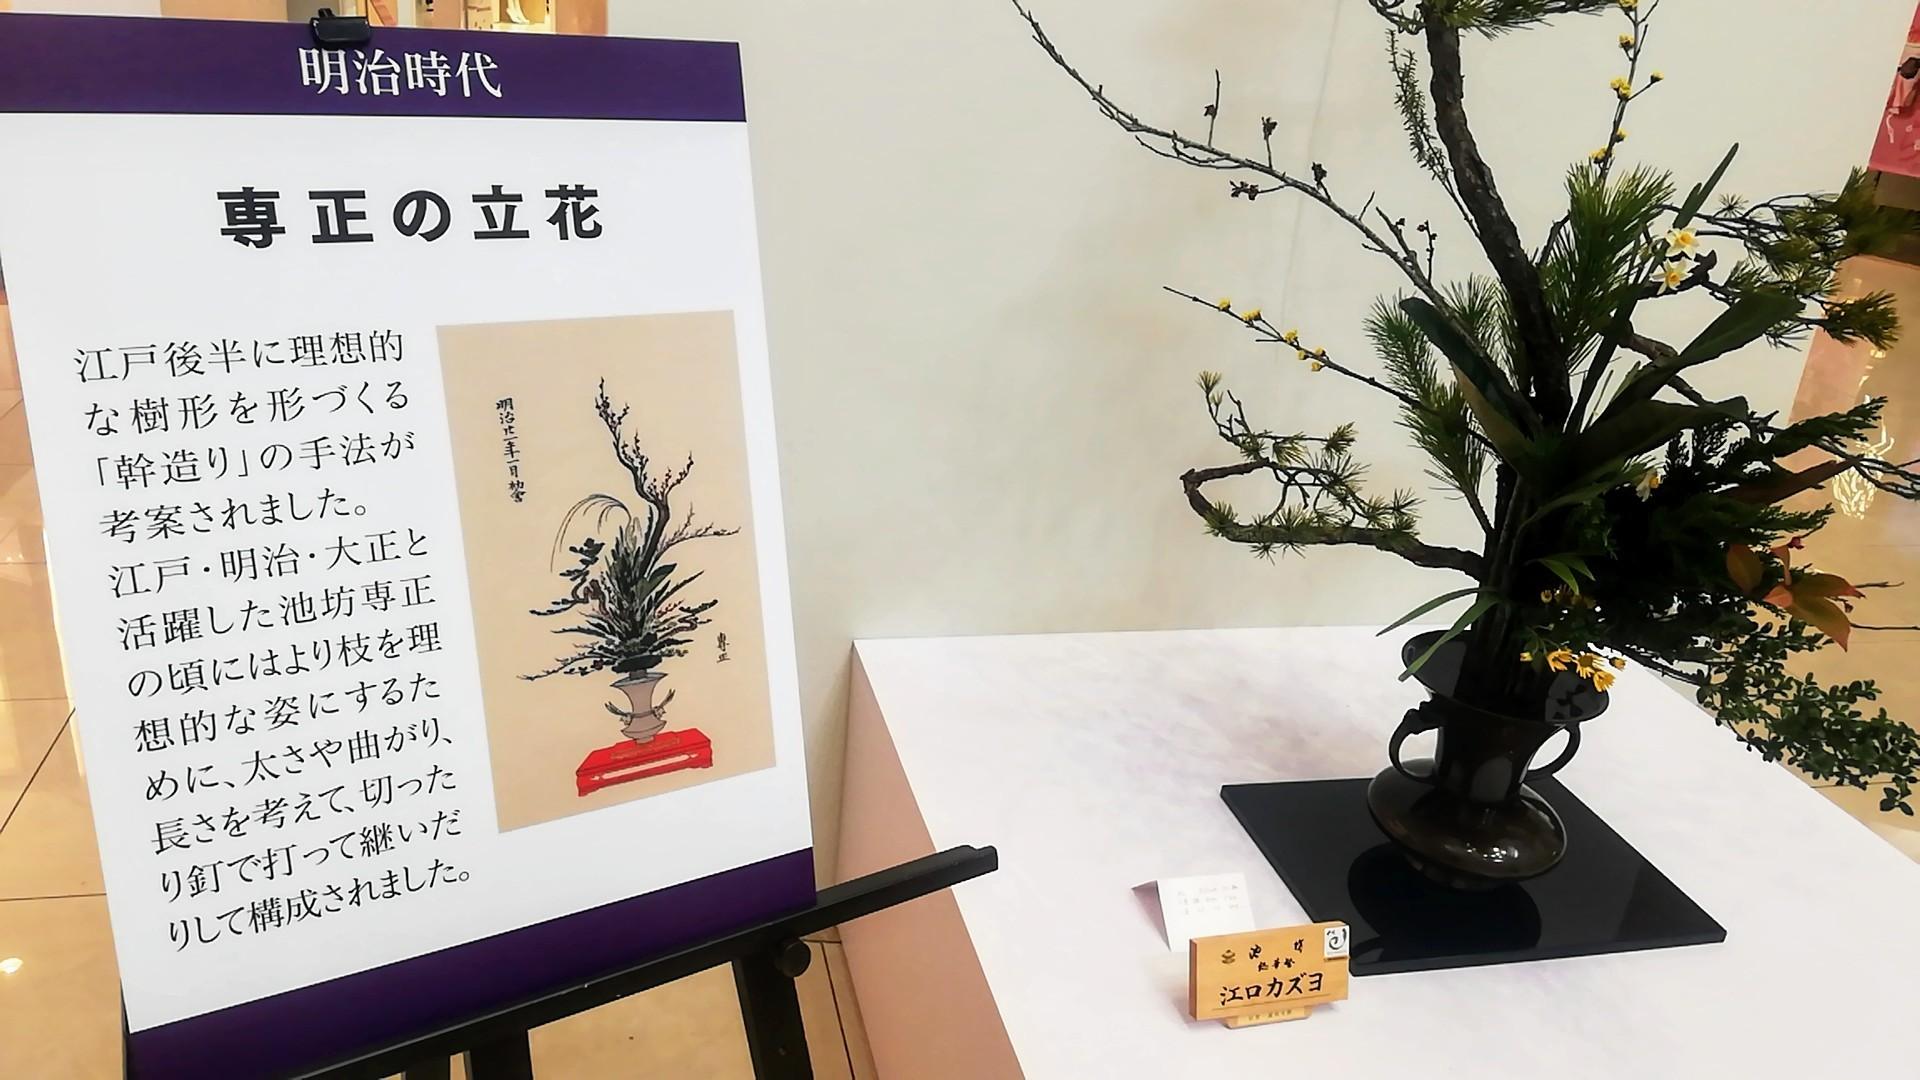 ゆめタウン佐賀開催の池坊展へ_d0195183_20124954.jpg